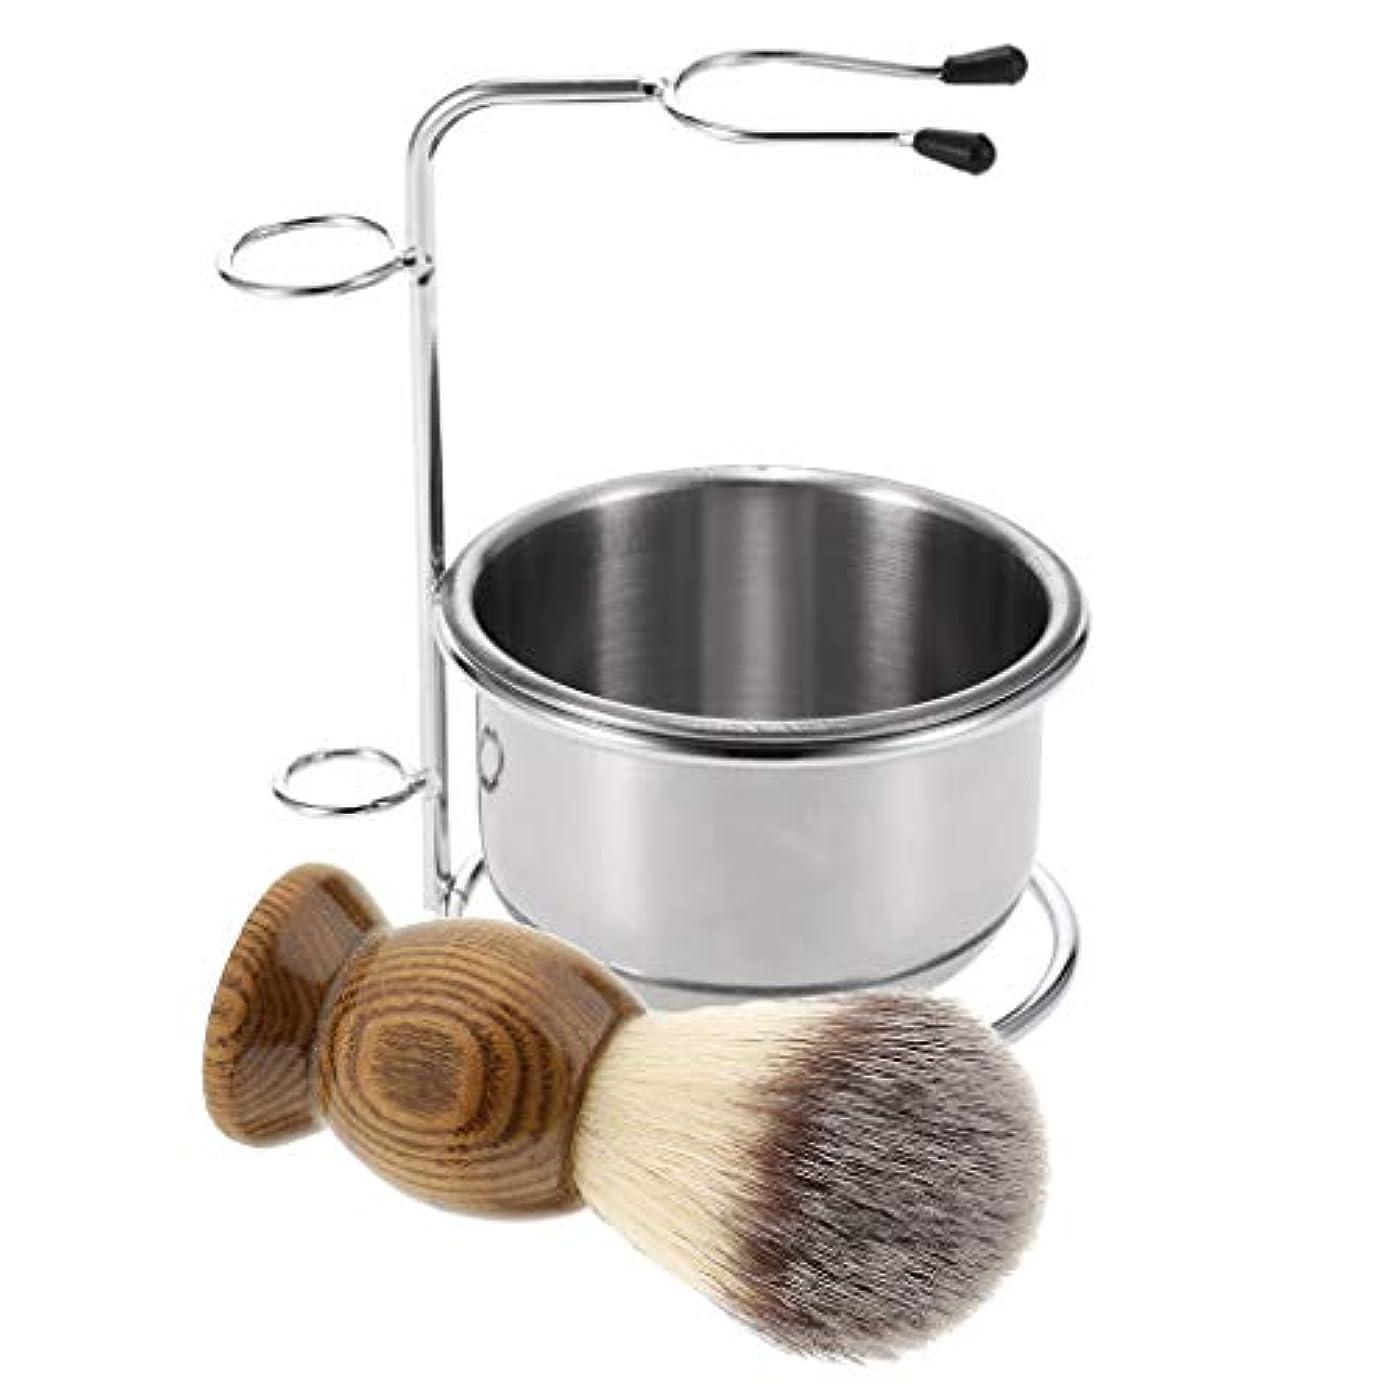 パズルブラウザ謝るsharprepublic ブラシホルダー サロン 髭剃り シェービングキット 金属製ボウル シェービングブラシ 実用性